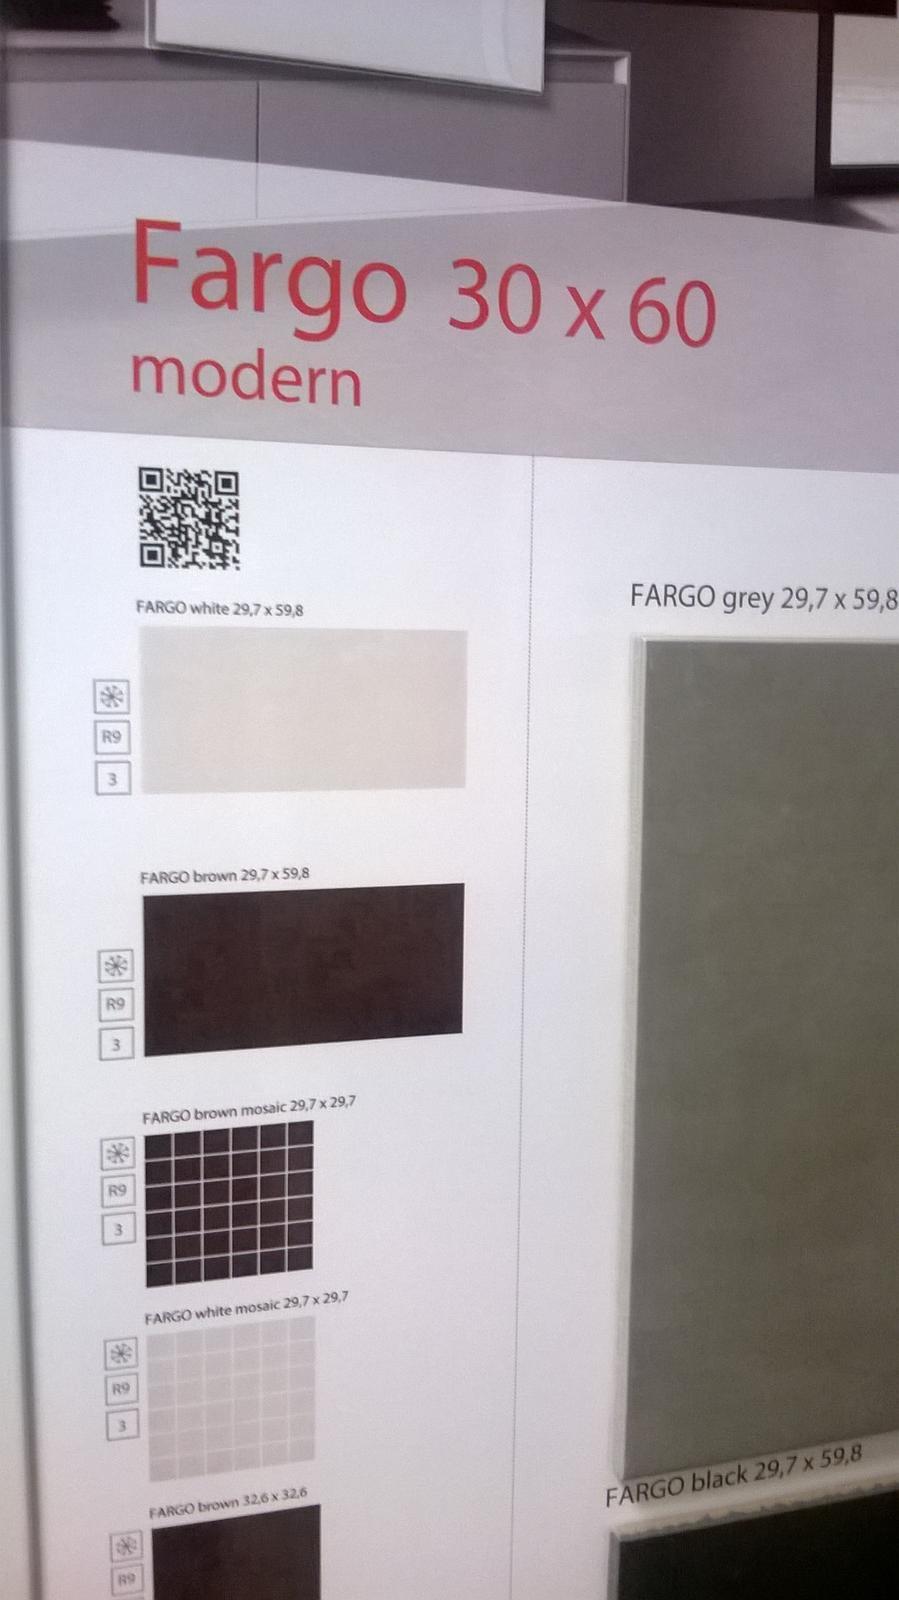 Kompletní rekonstrukce bytu 3+1 - vizualizace, vybrané zařízení a plány - Obklad do koupelny - bílá